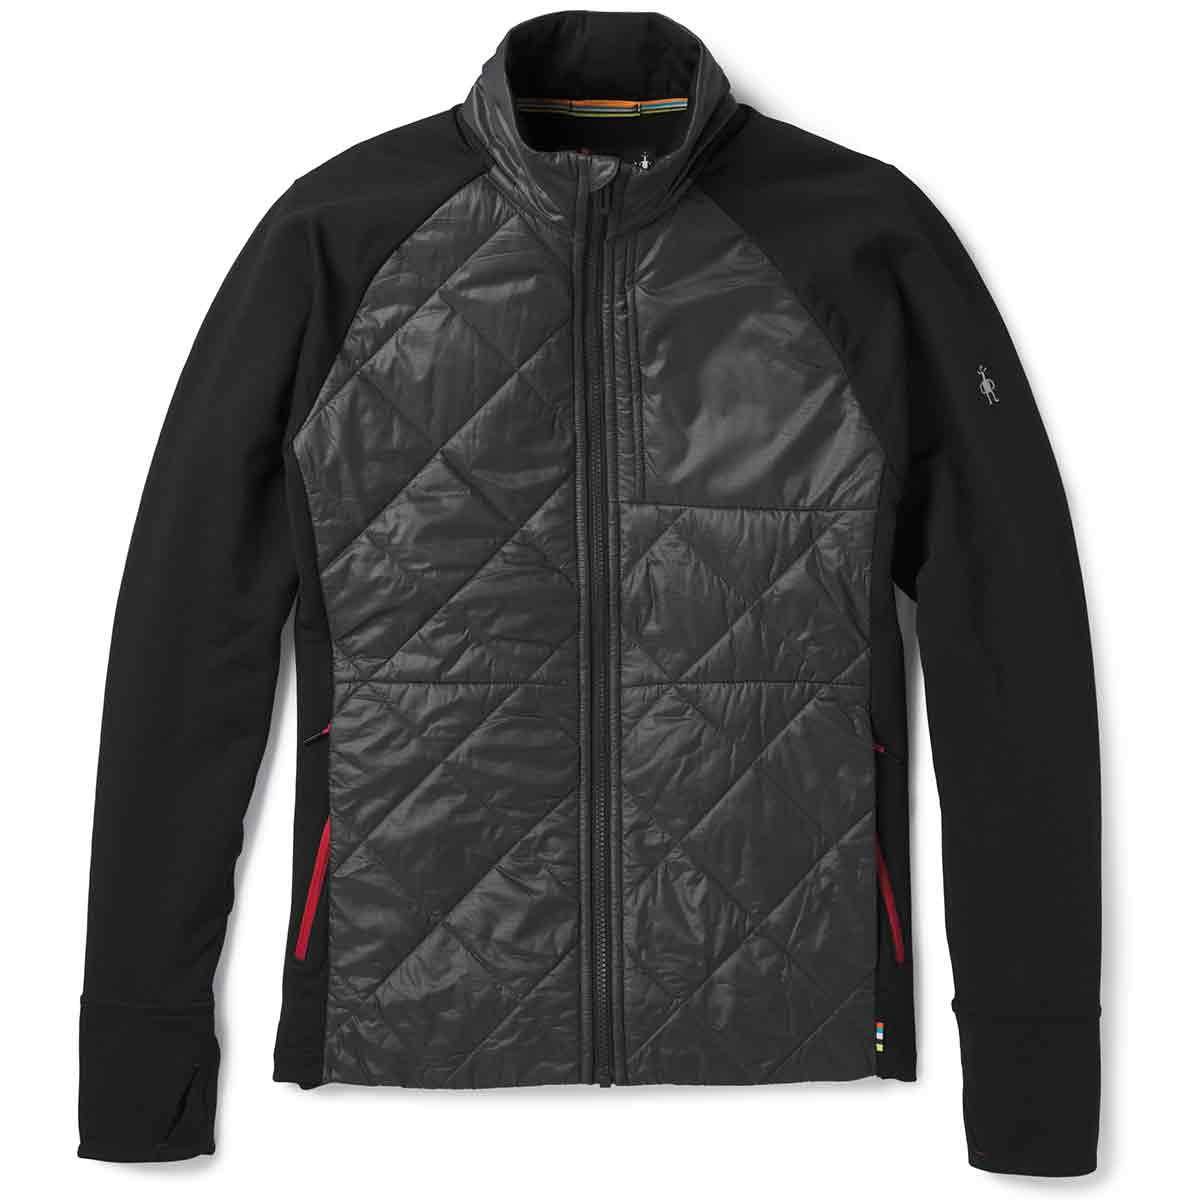 Smartwool Men's Smartloft 120 Jacket - Black, S